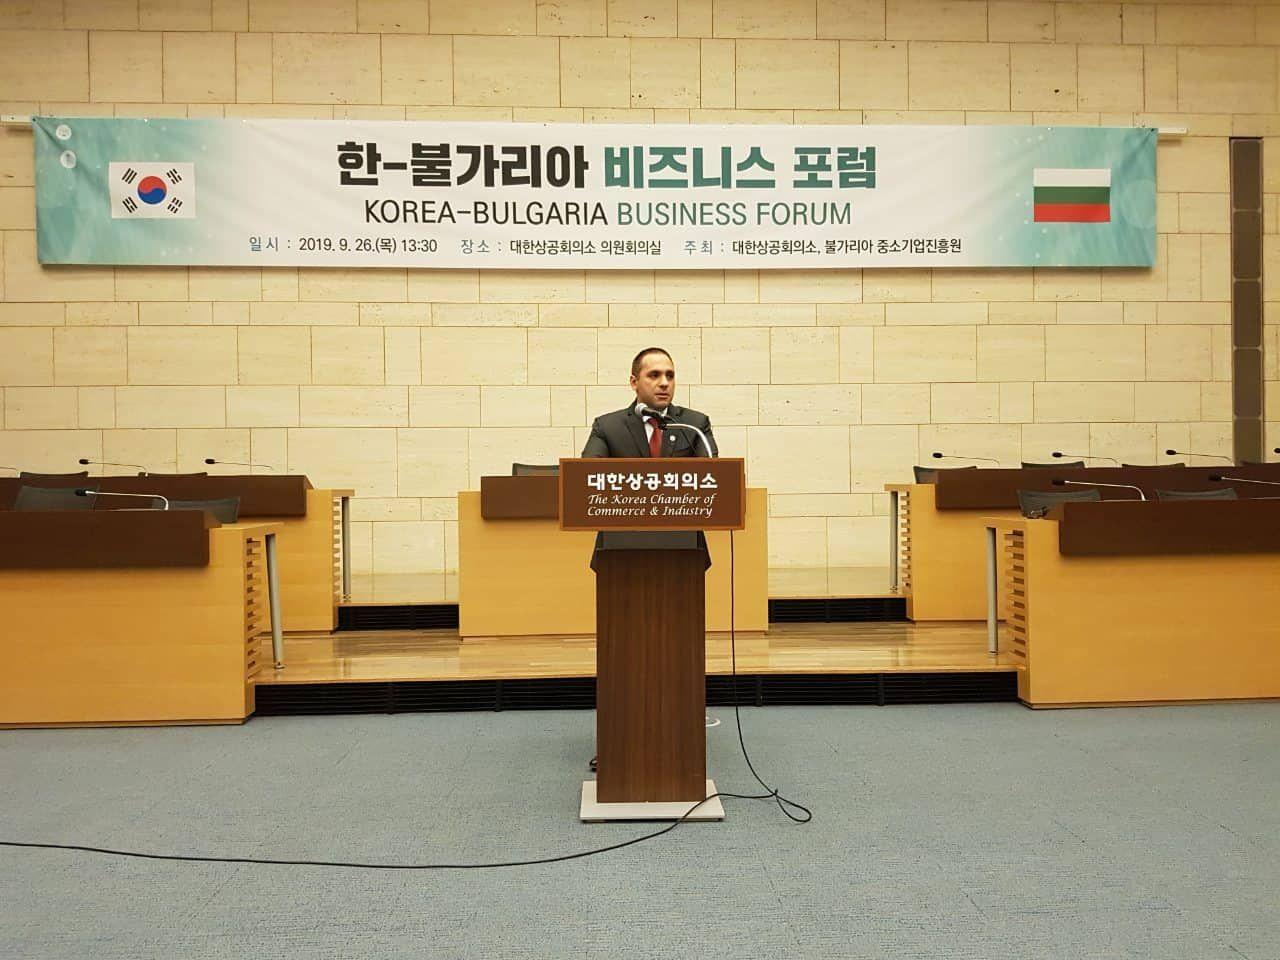 Стокообменът между България и Южна Корея нараства с 48% през 2018 г.